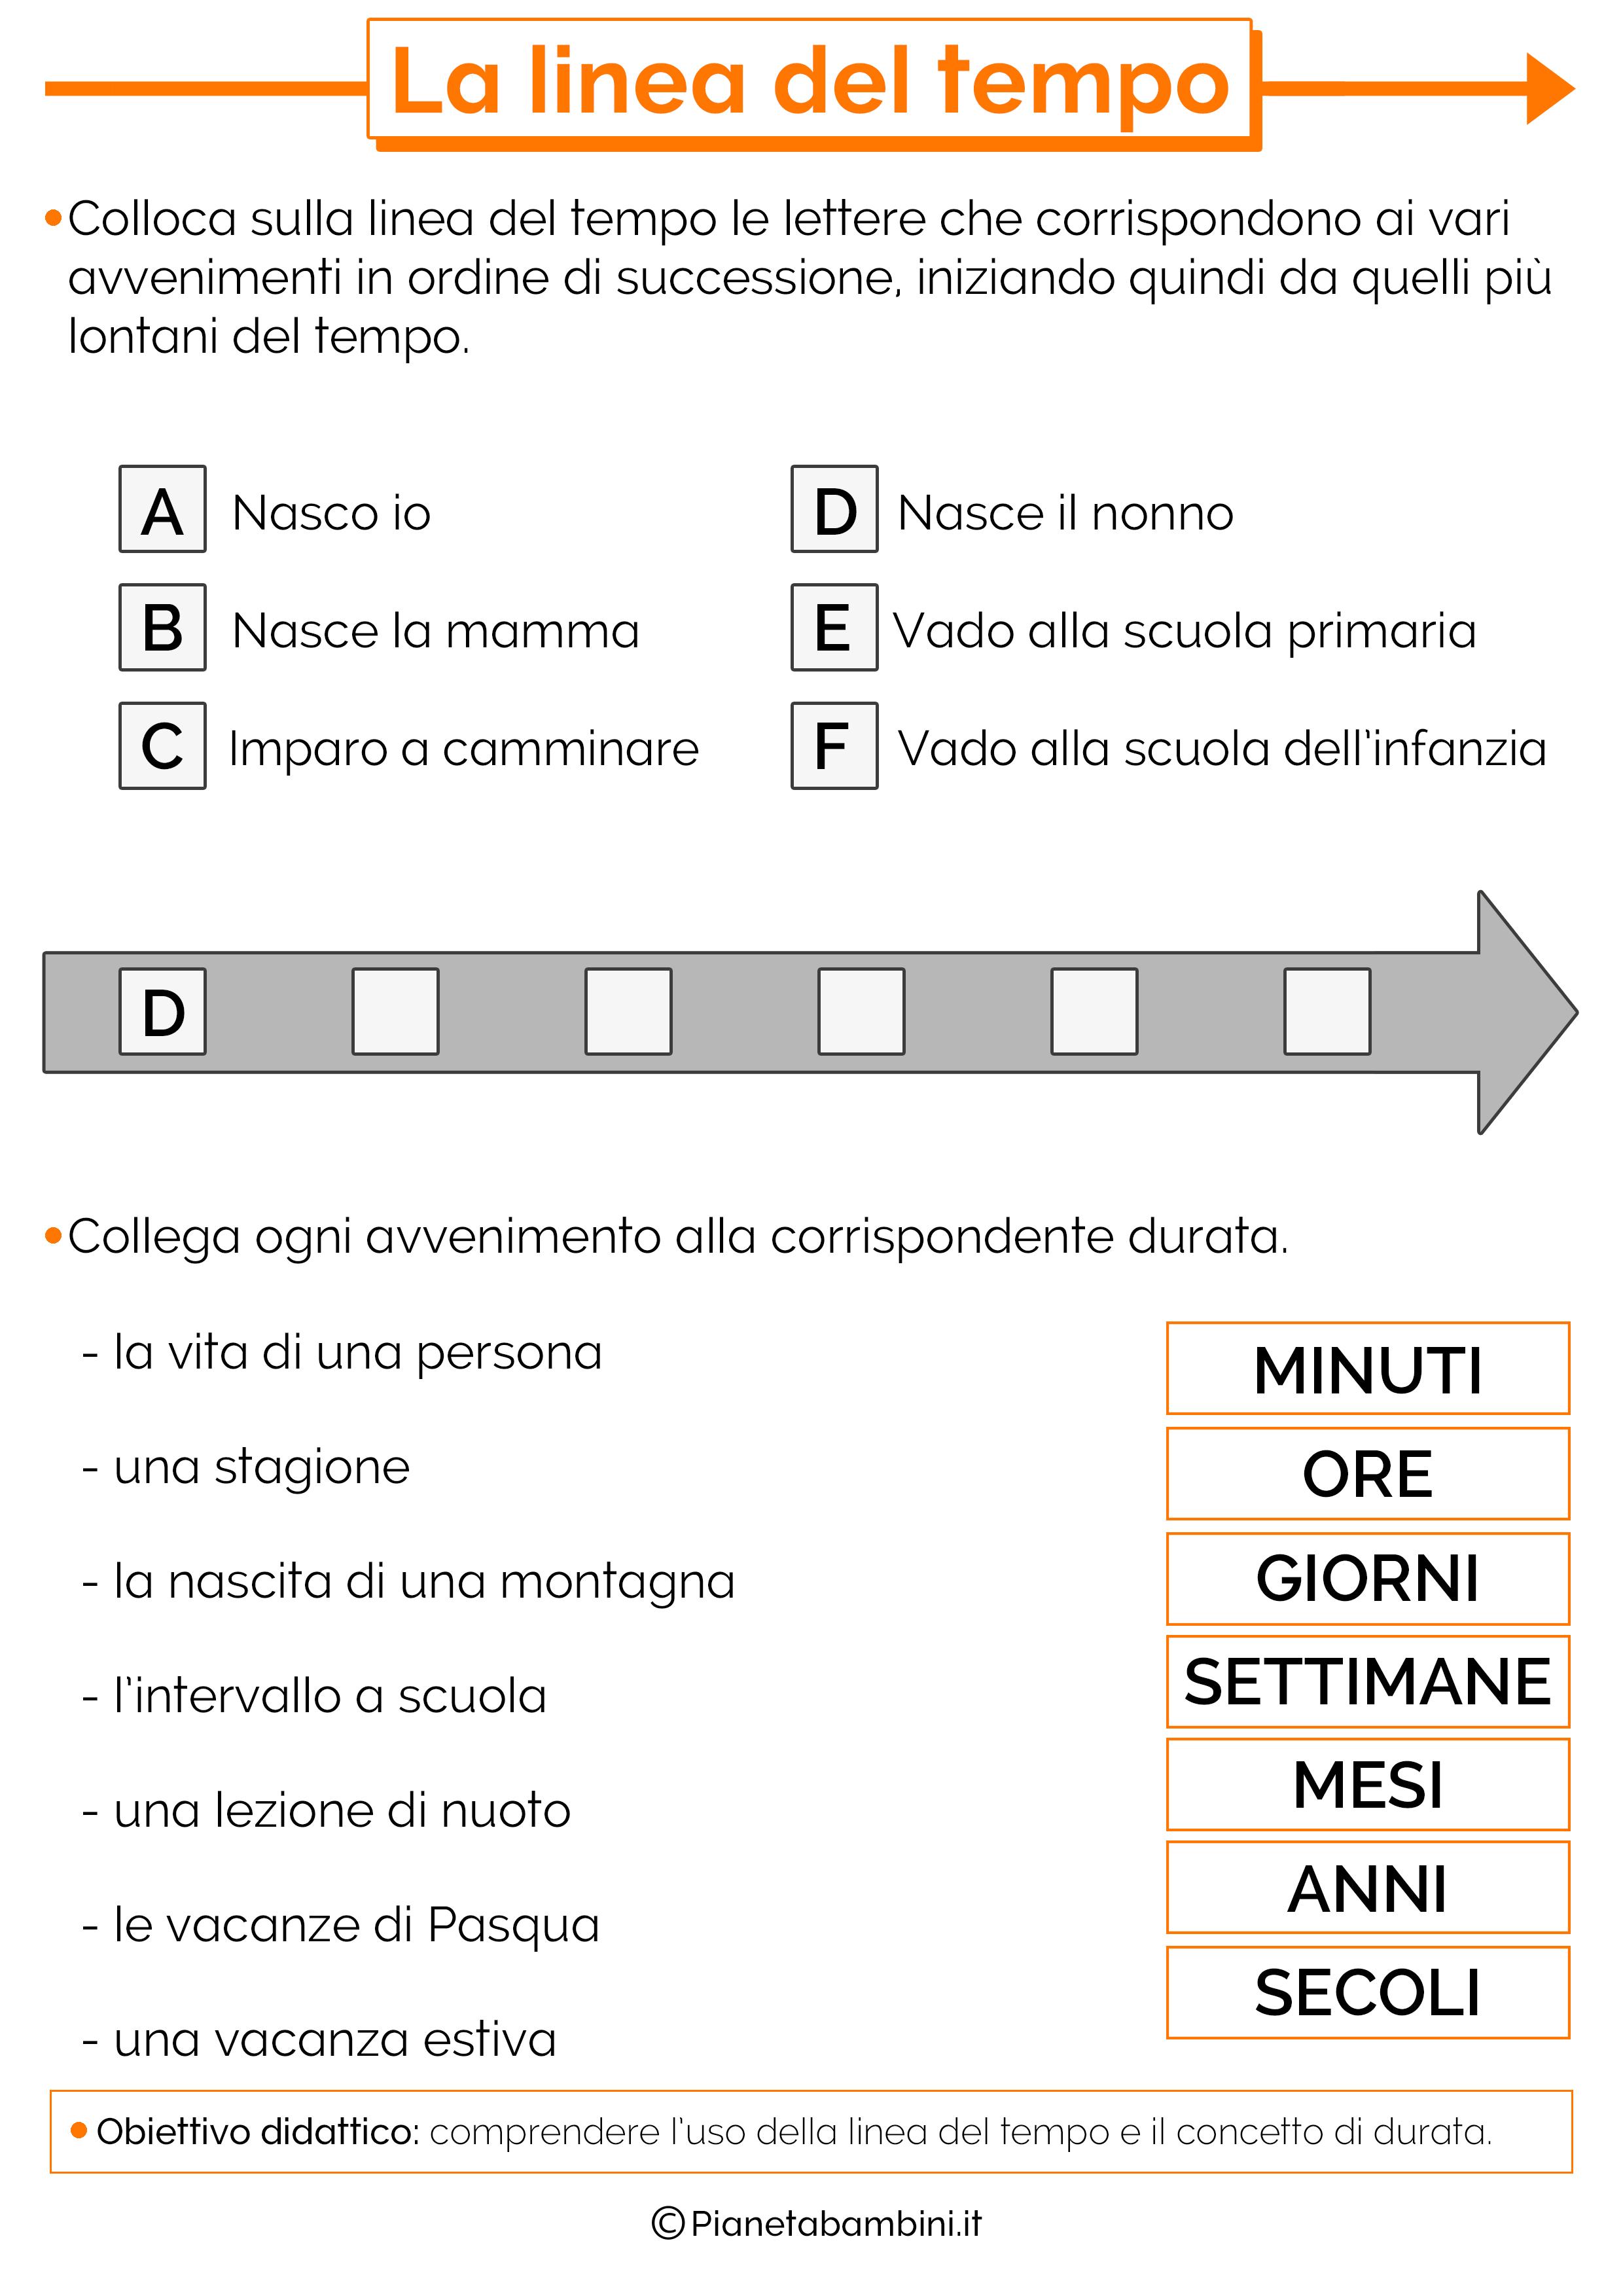 Amato La Linea del Tempo: Schede Didattiche per la Scuola Primaria  GP77